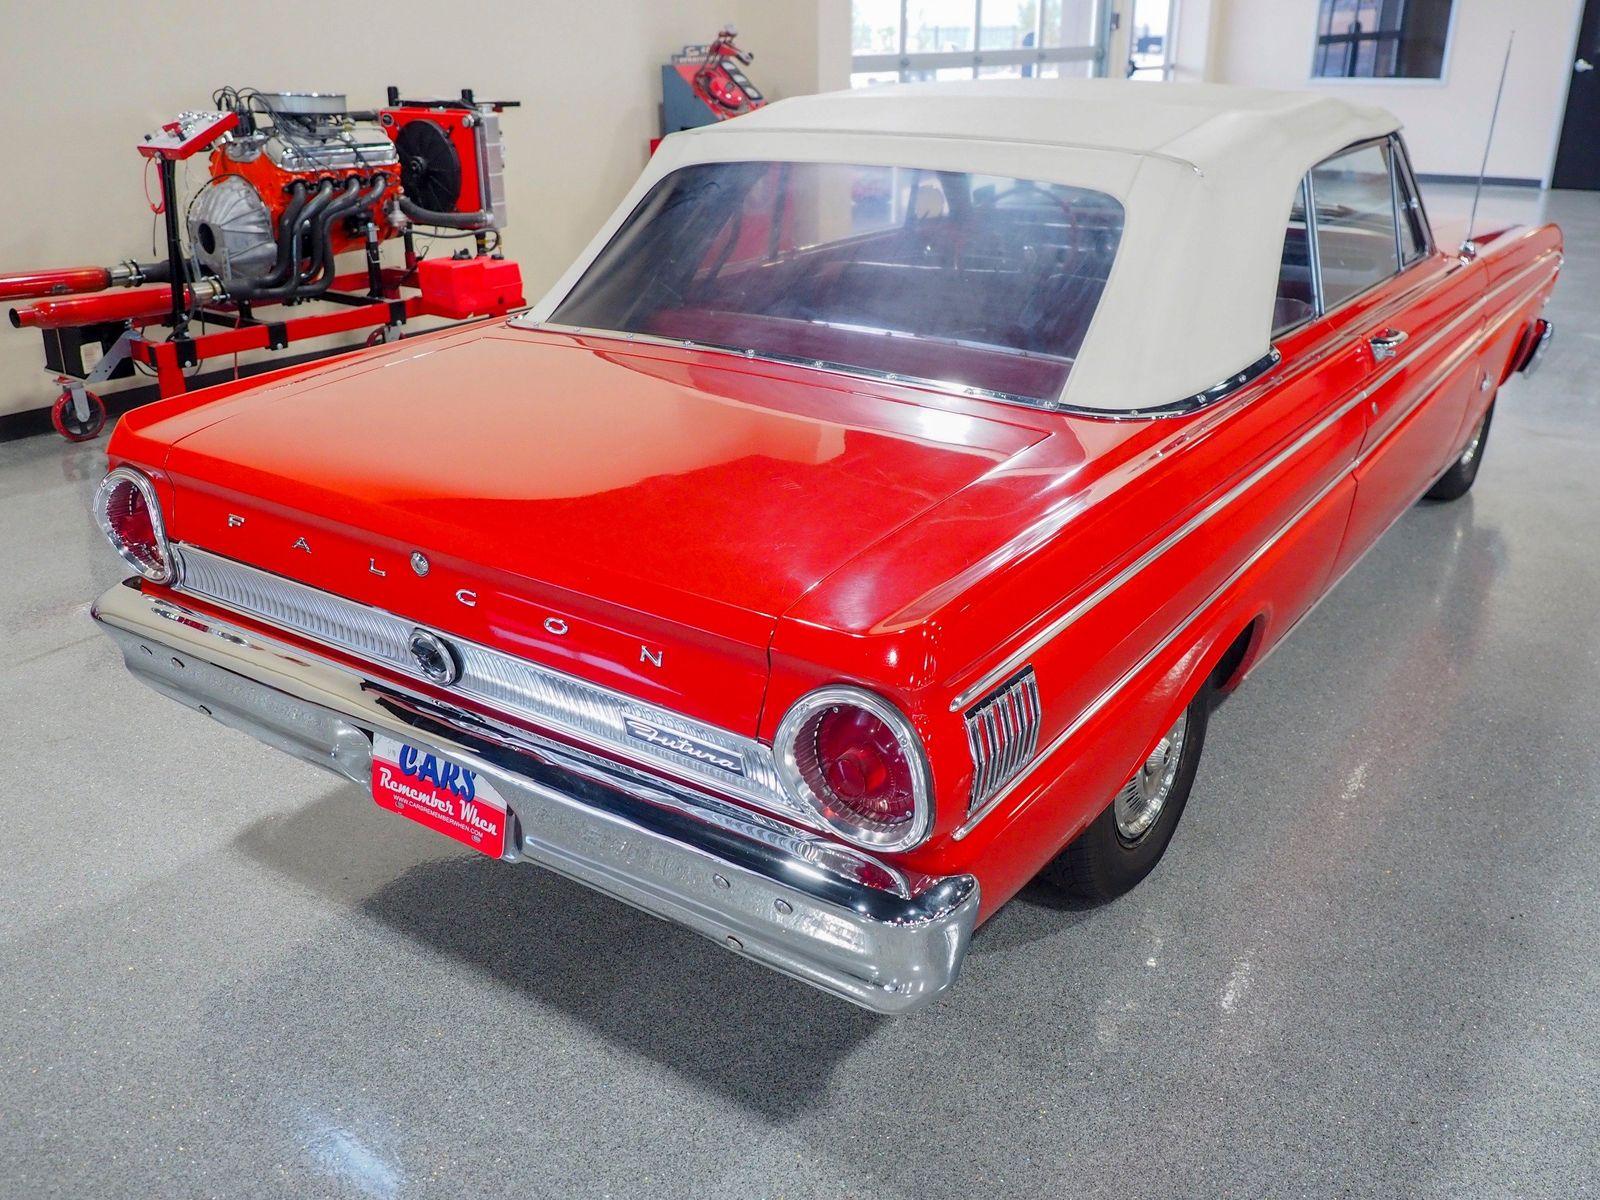 1964 Ford Falcon Futura Sport For Sale All Collector Cars Convertible 6